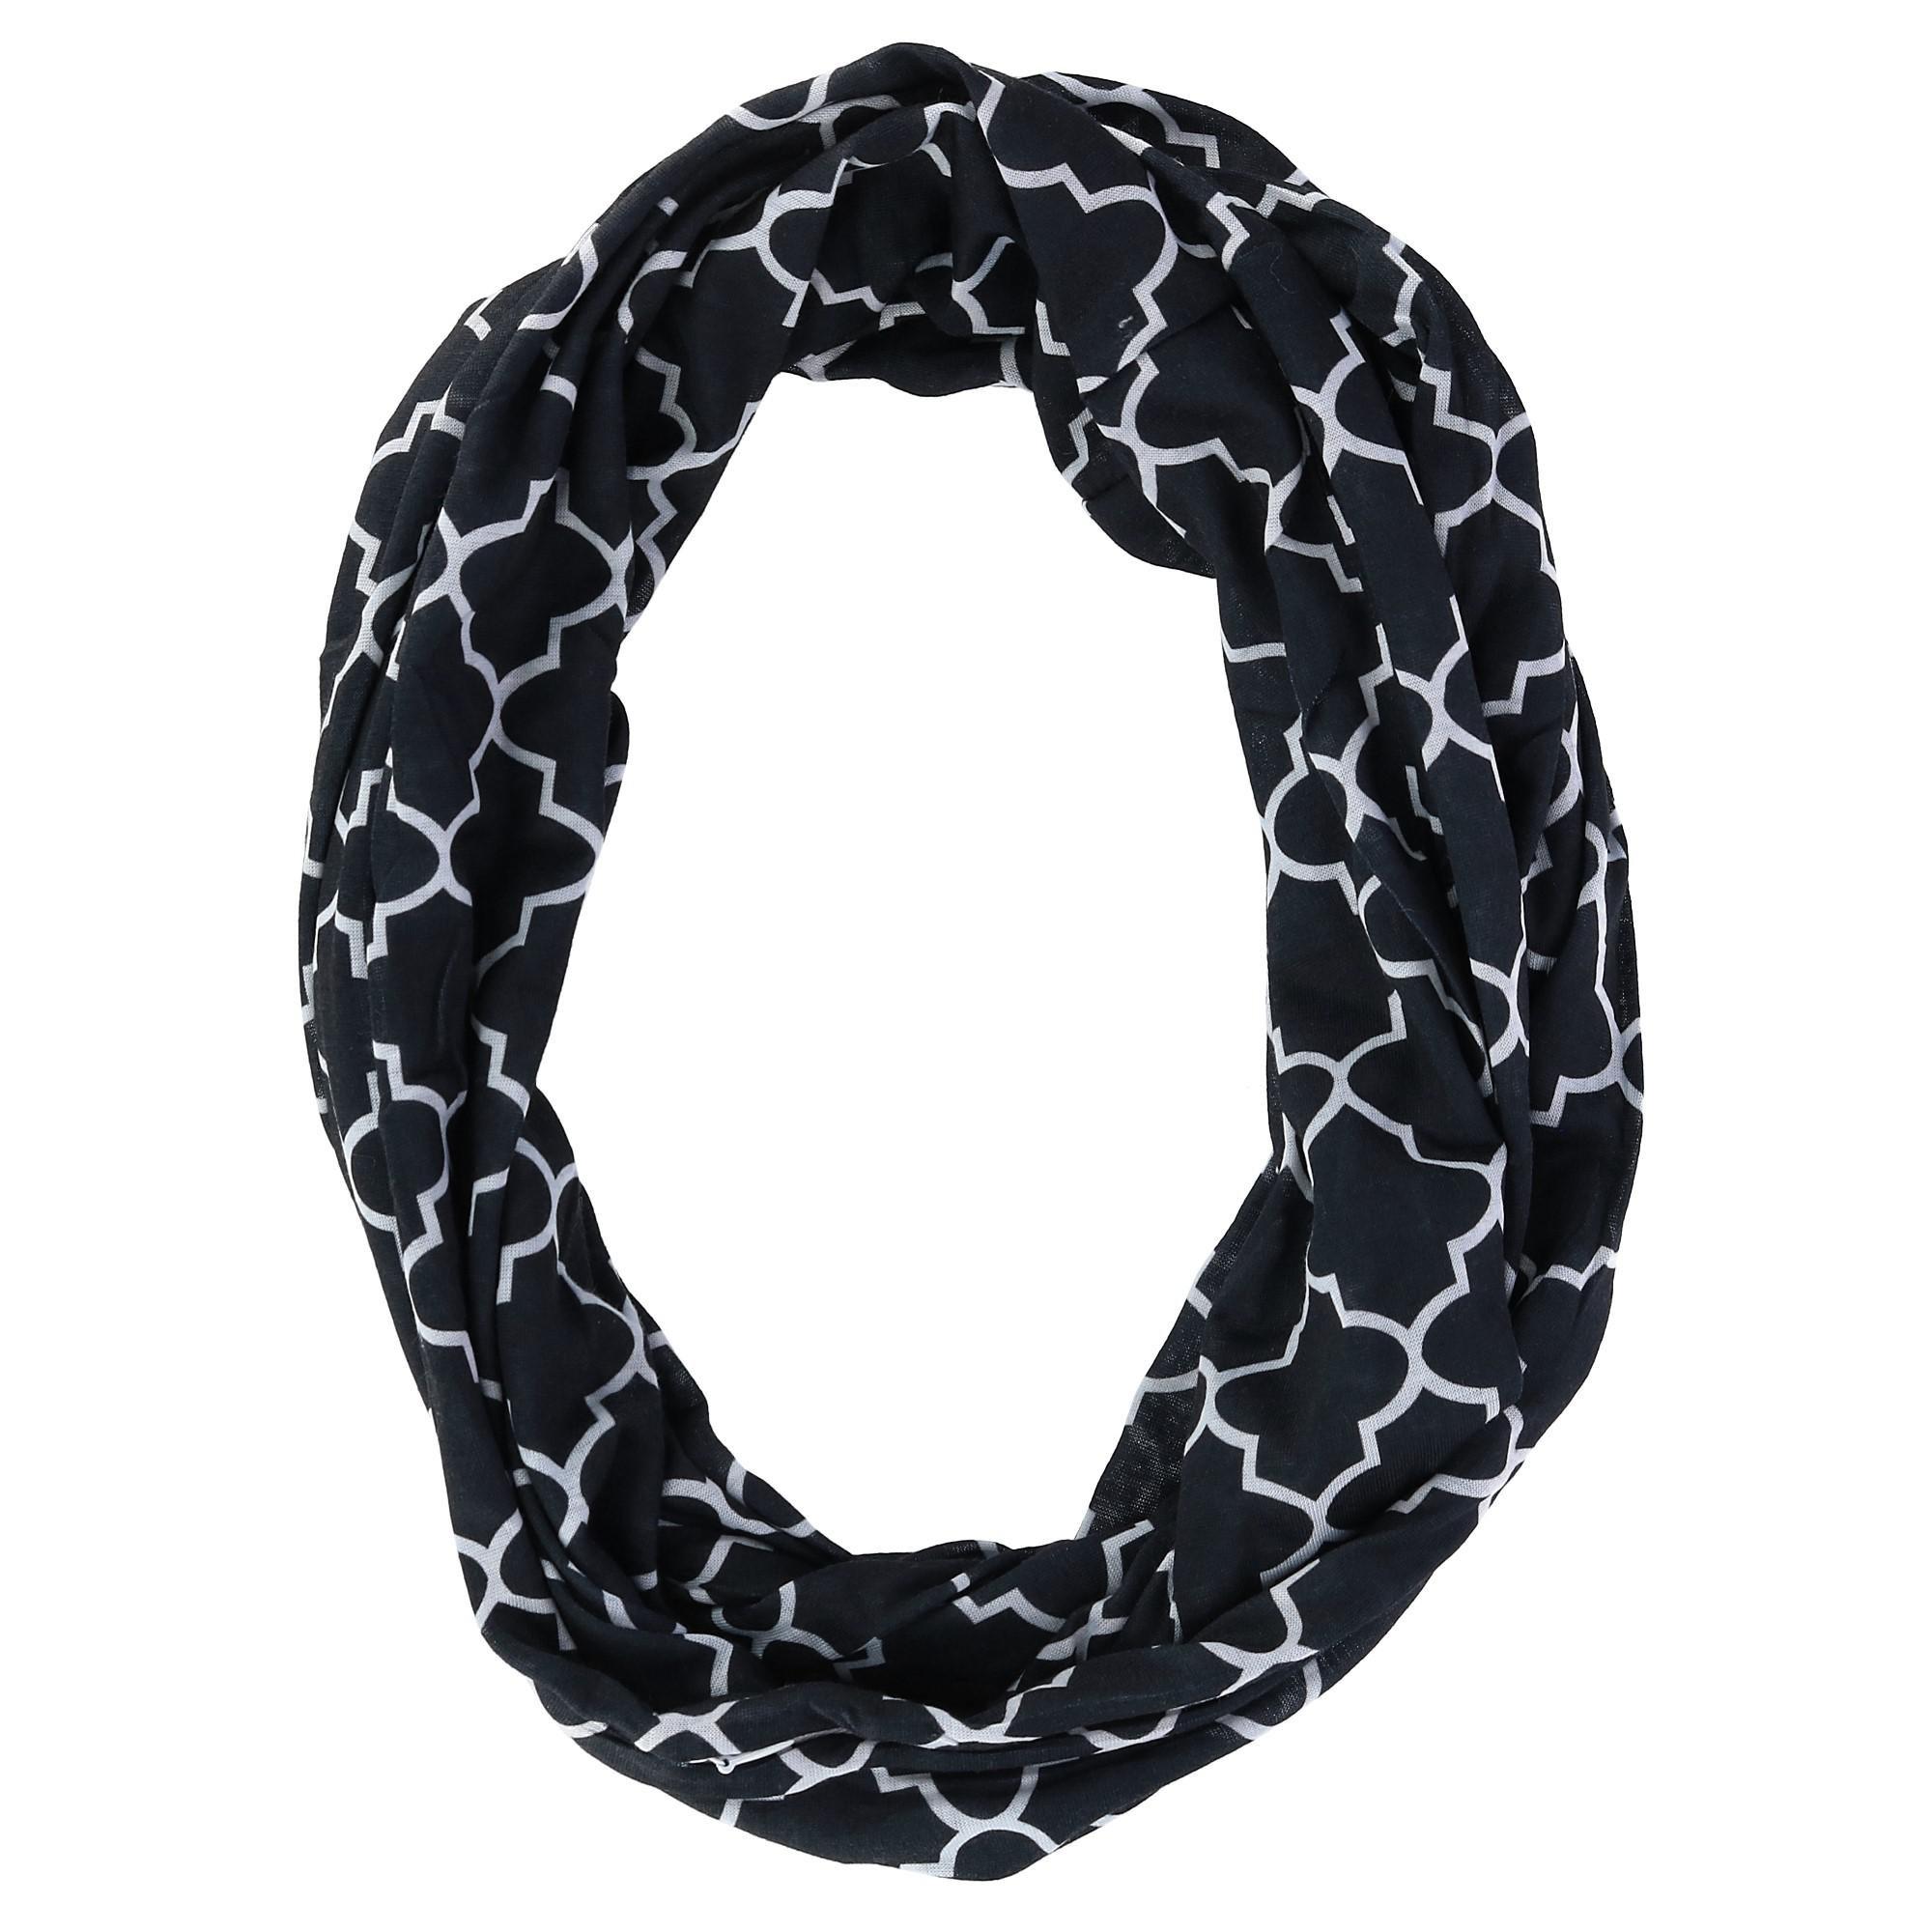 CTM Women's Pattern Infinity Loop Scarf with Hidden Zipper Pocket, Black